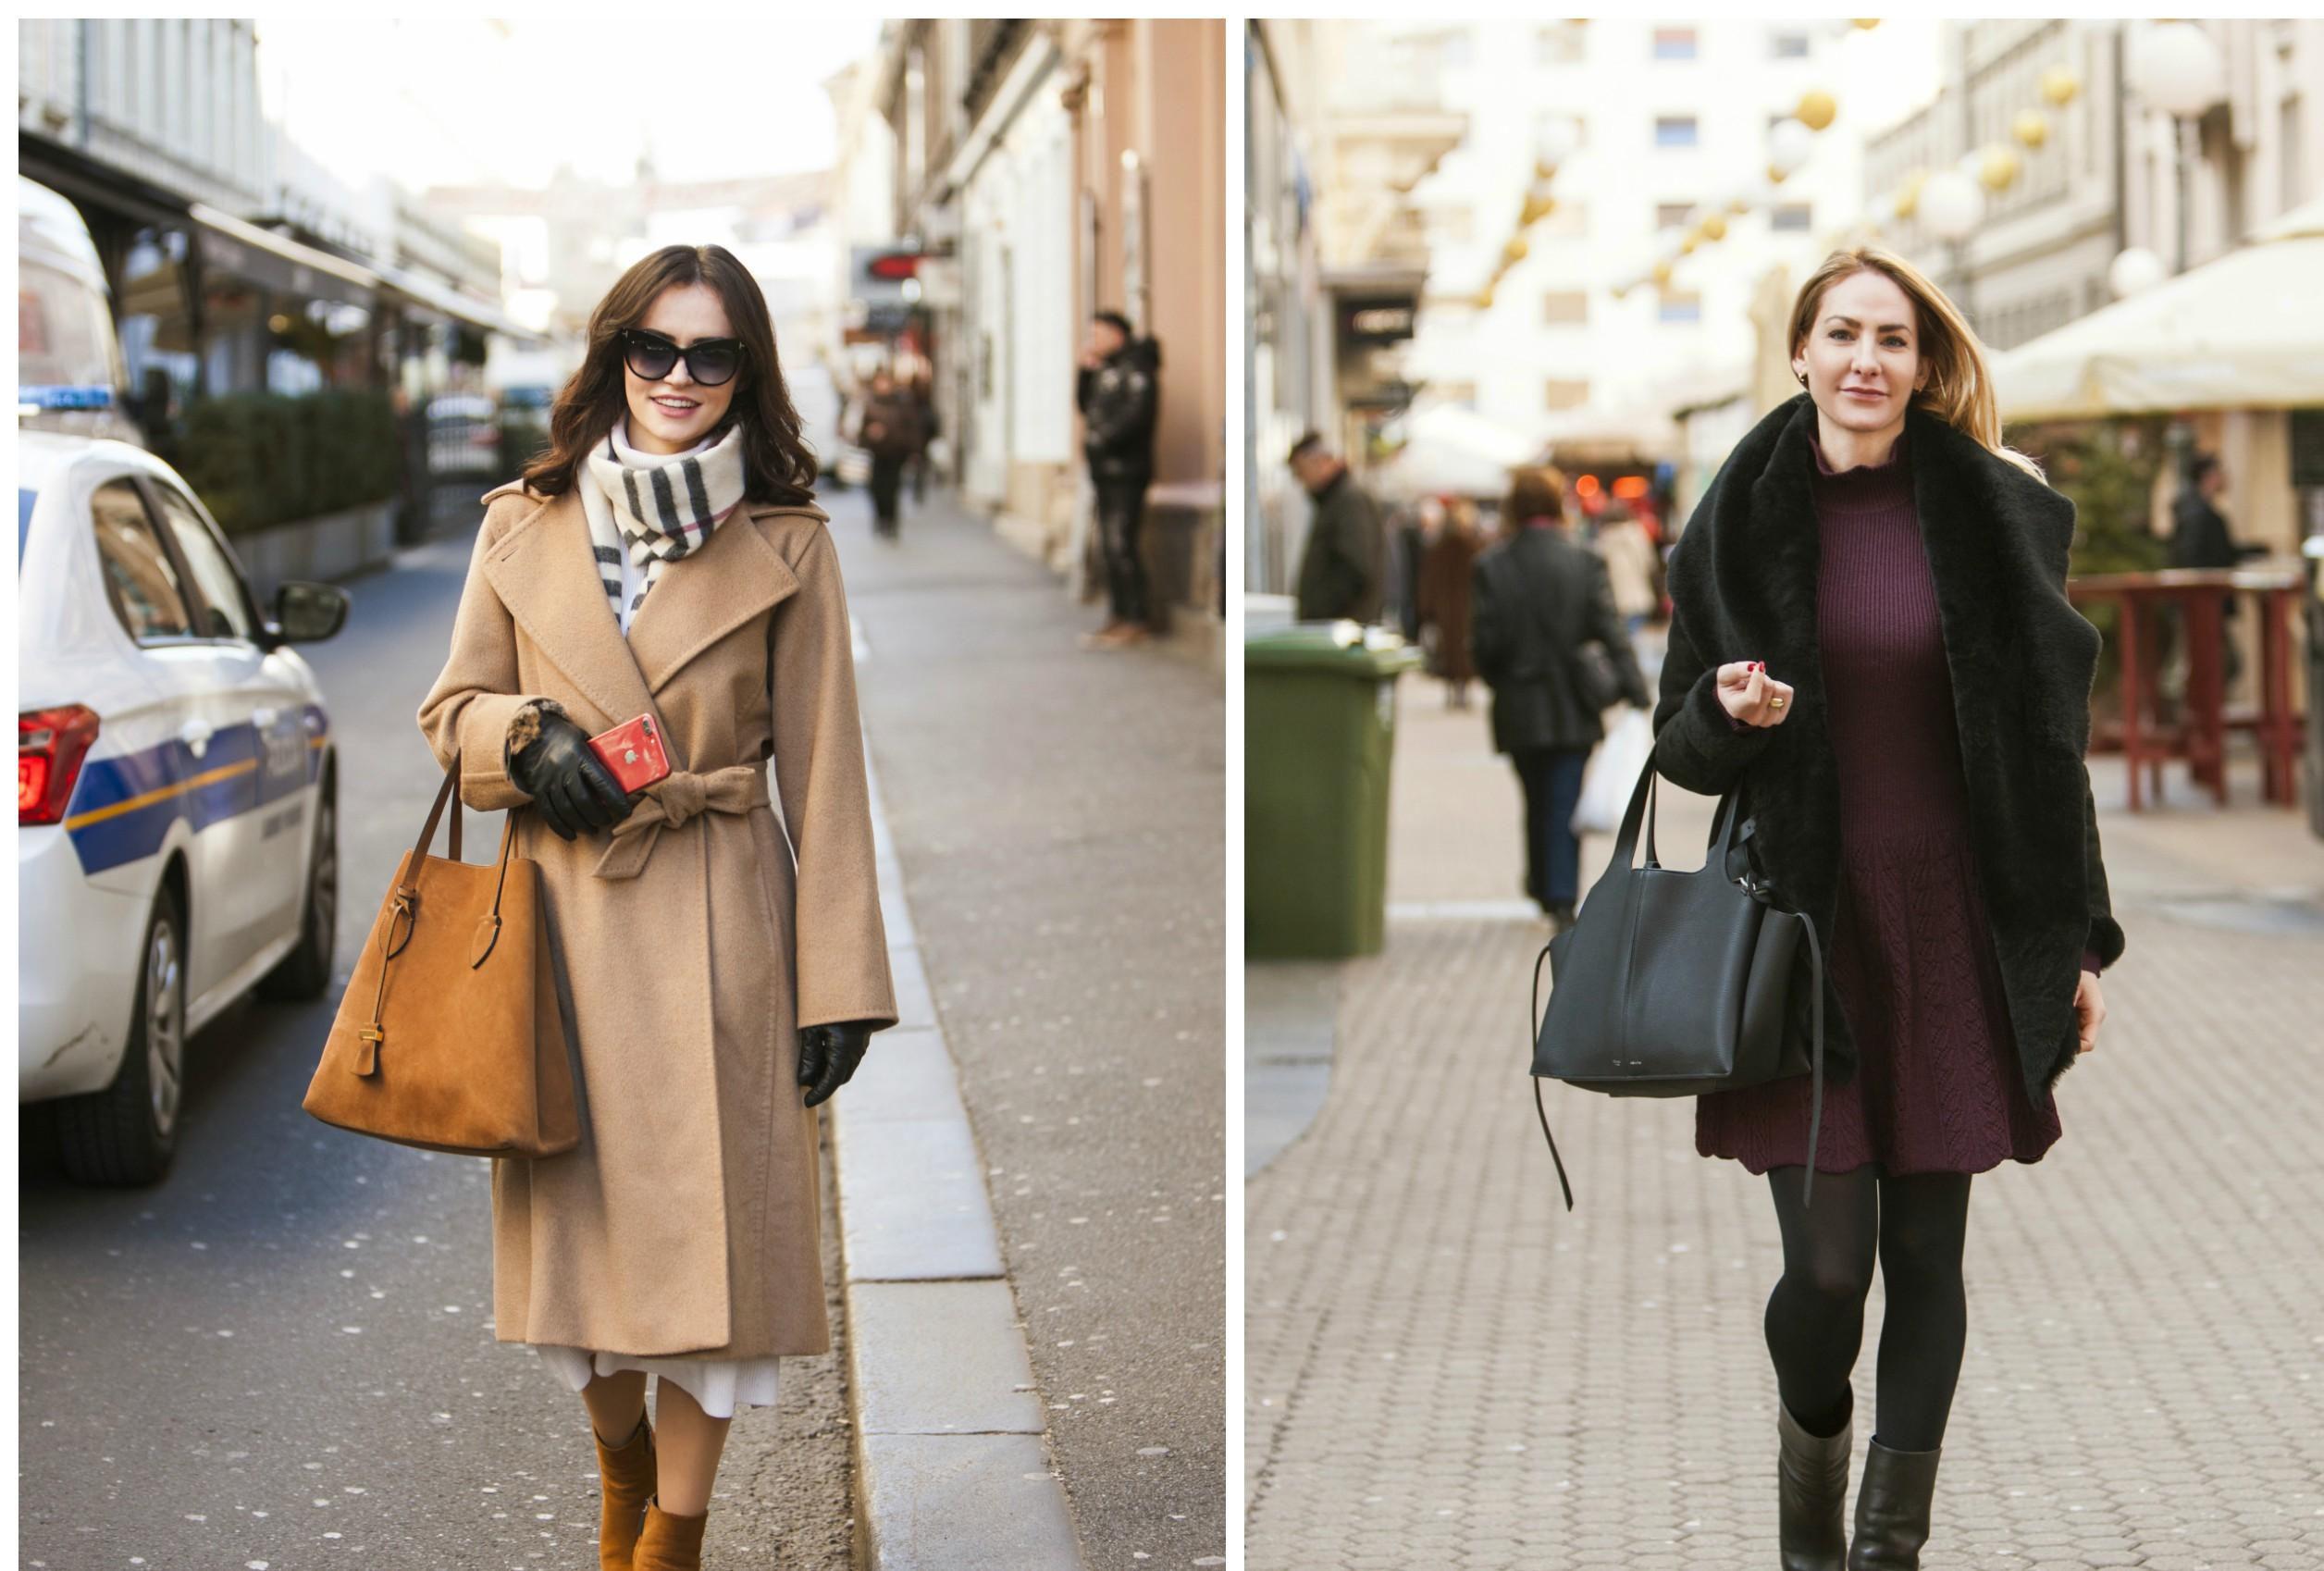 Velike torbe vraćaju se u modu, a ove dame znaju kako ih uklopiti u elegantne stylinge